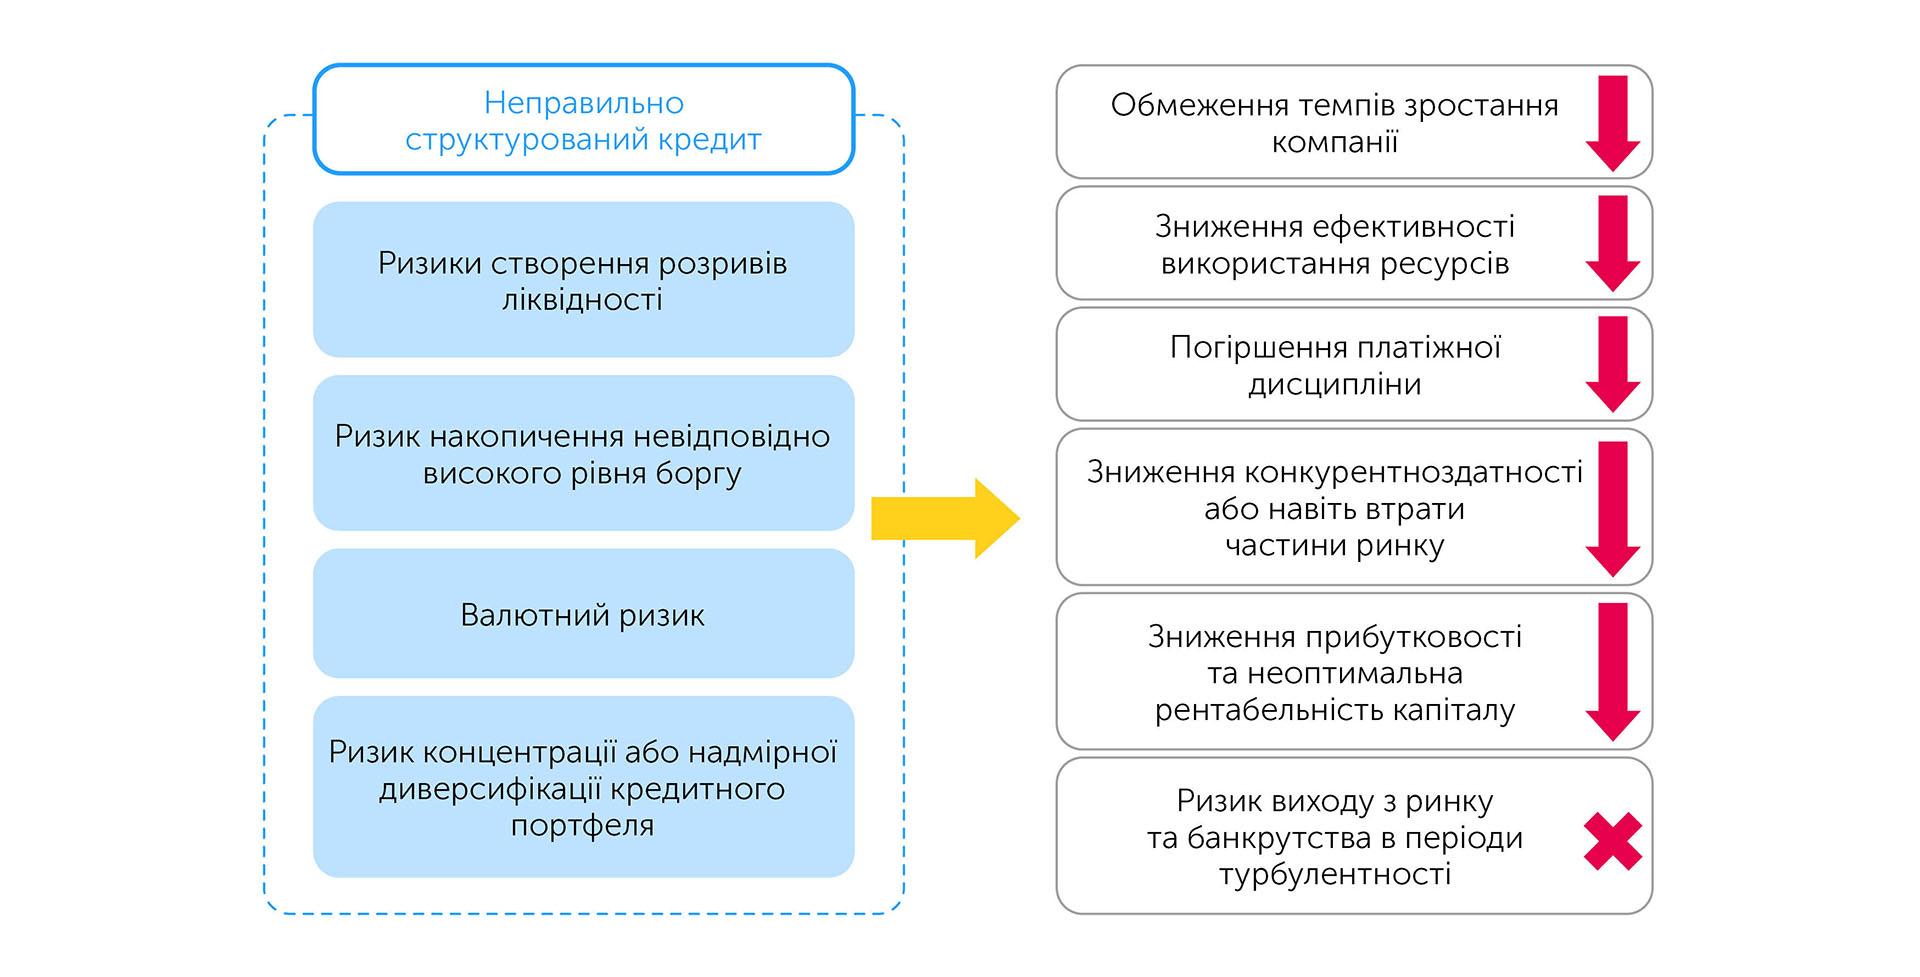 Бізнес: підготовка до зростання | Kyivstar Business Hub зображення №17